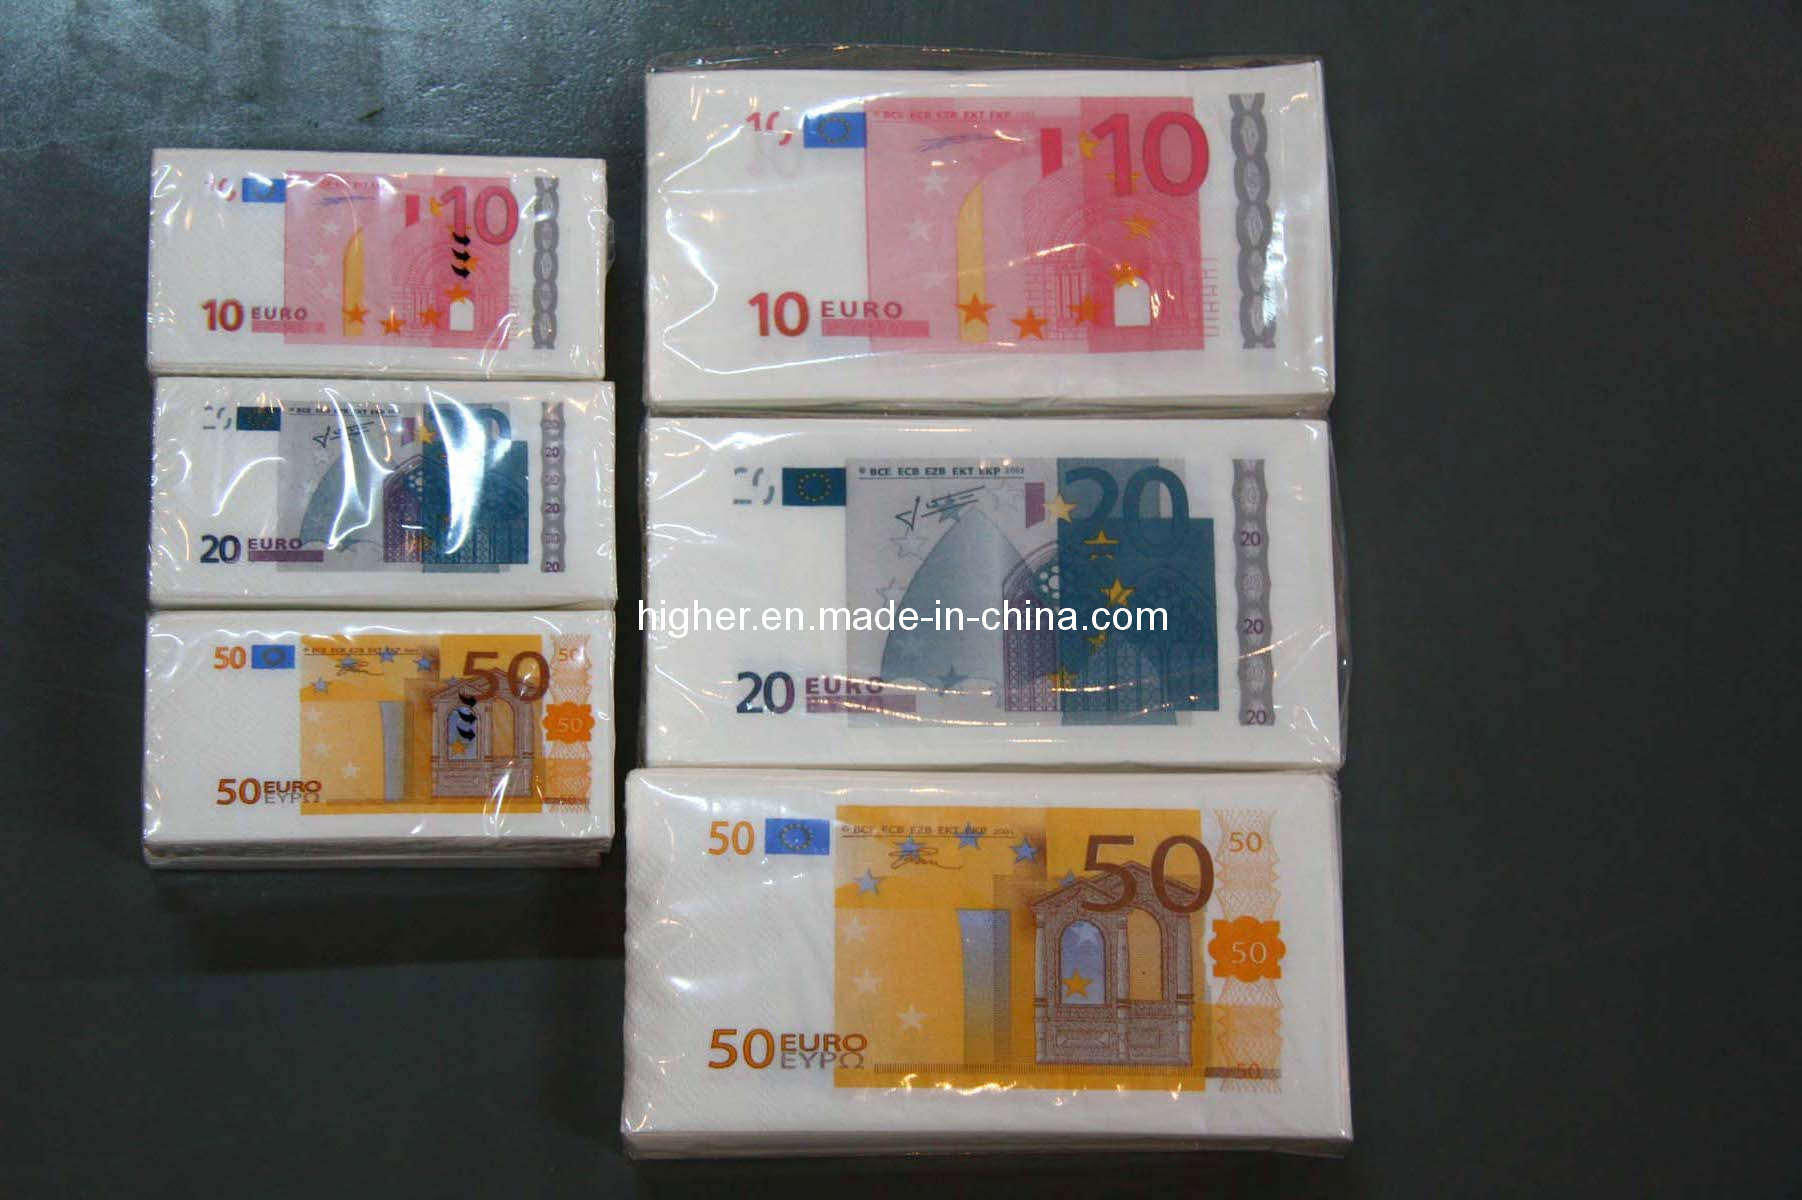 euro tissu de billet de banque euro tissu de billet de banque fournis par yueqing daier. Black Bedroom Furniture Sets. Home Design Ideas